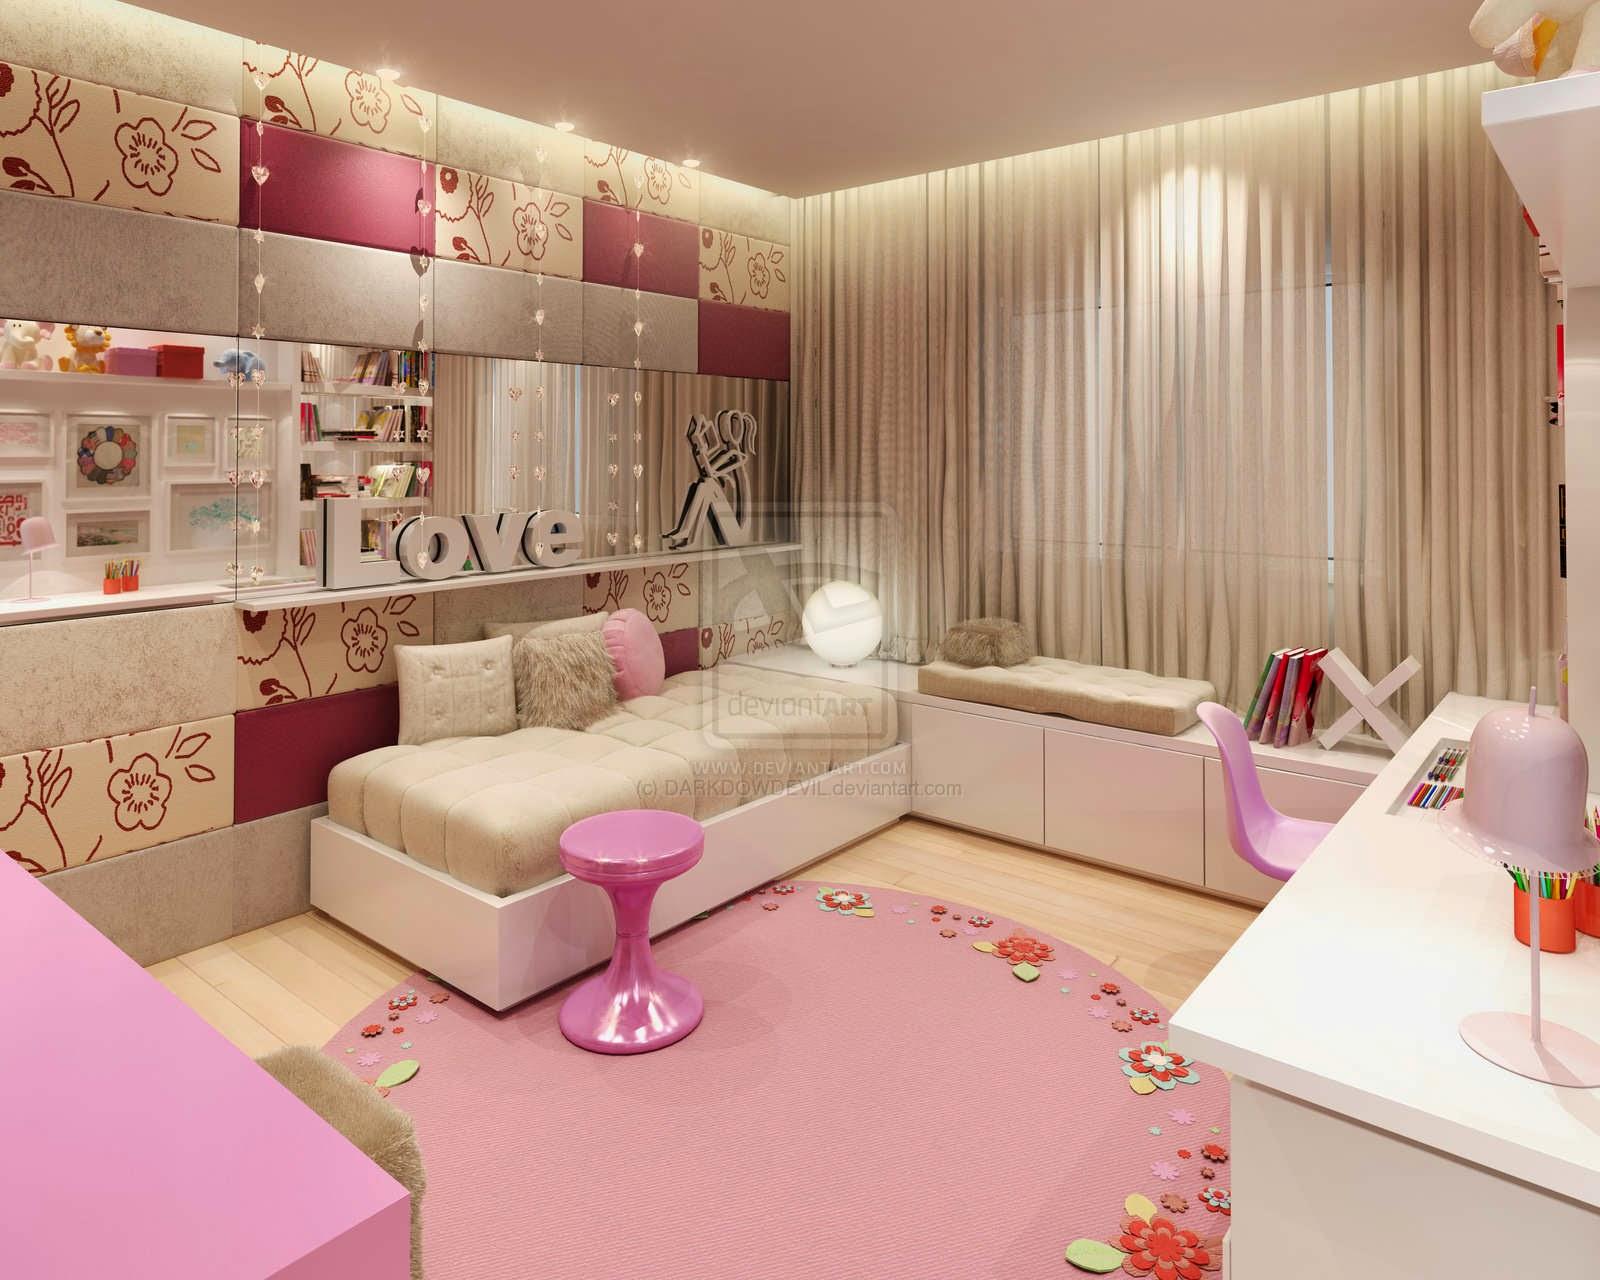 Desain Kamar Tidur untuk wanita warna cerah pink